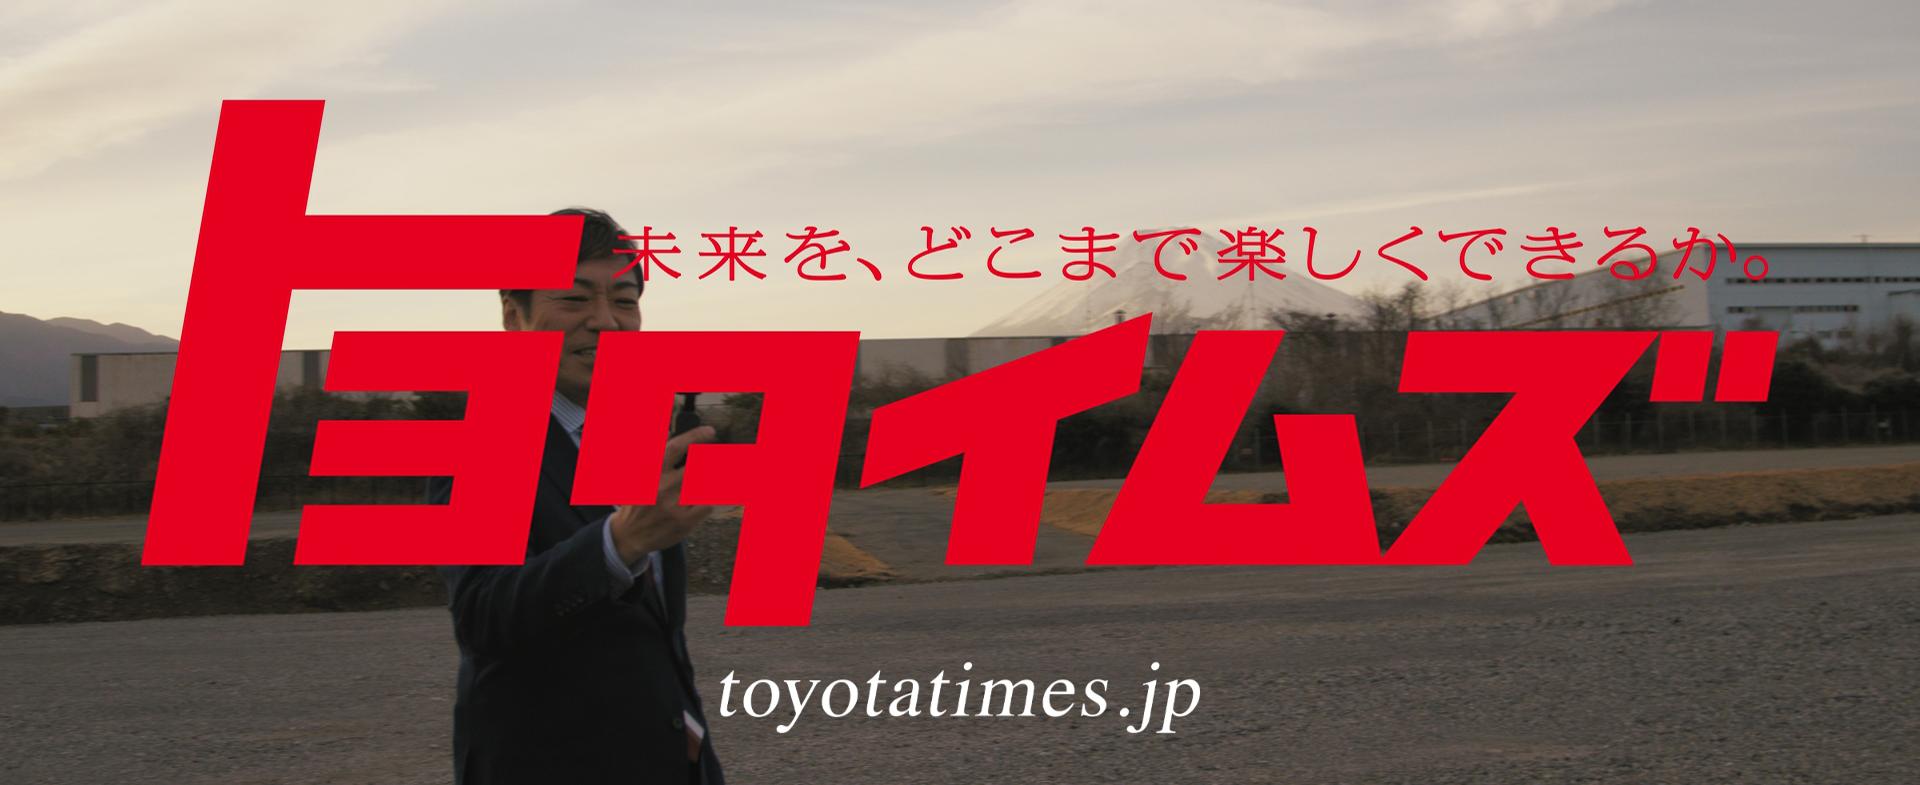 トヨタ自動車 トヨタイムズ  香川編集長 Woven City着工取材